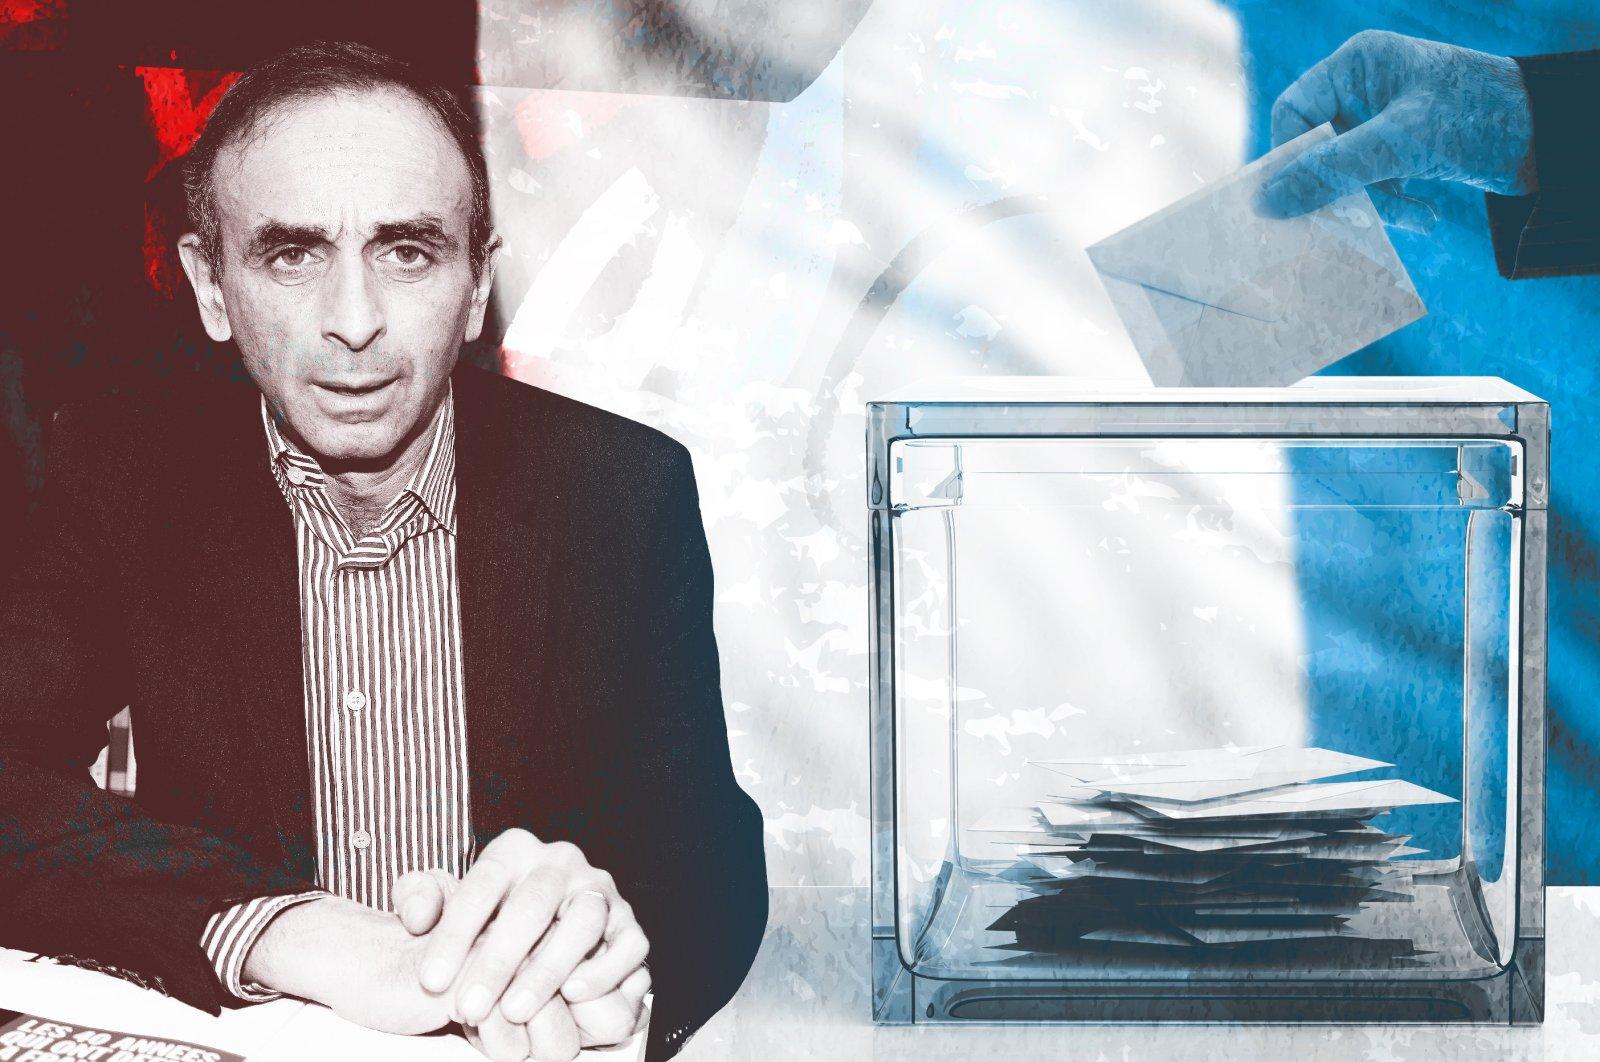 A photo illustration by Daily Sabah's Büşra Öztürk shows French politician Eric Zemmour. (Büşra Öztürk)